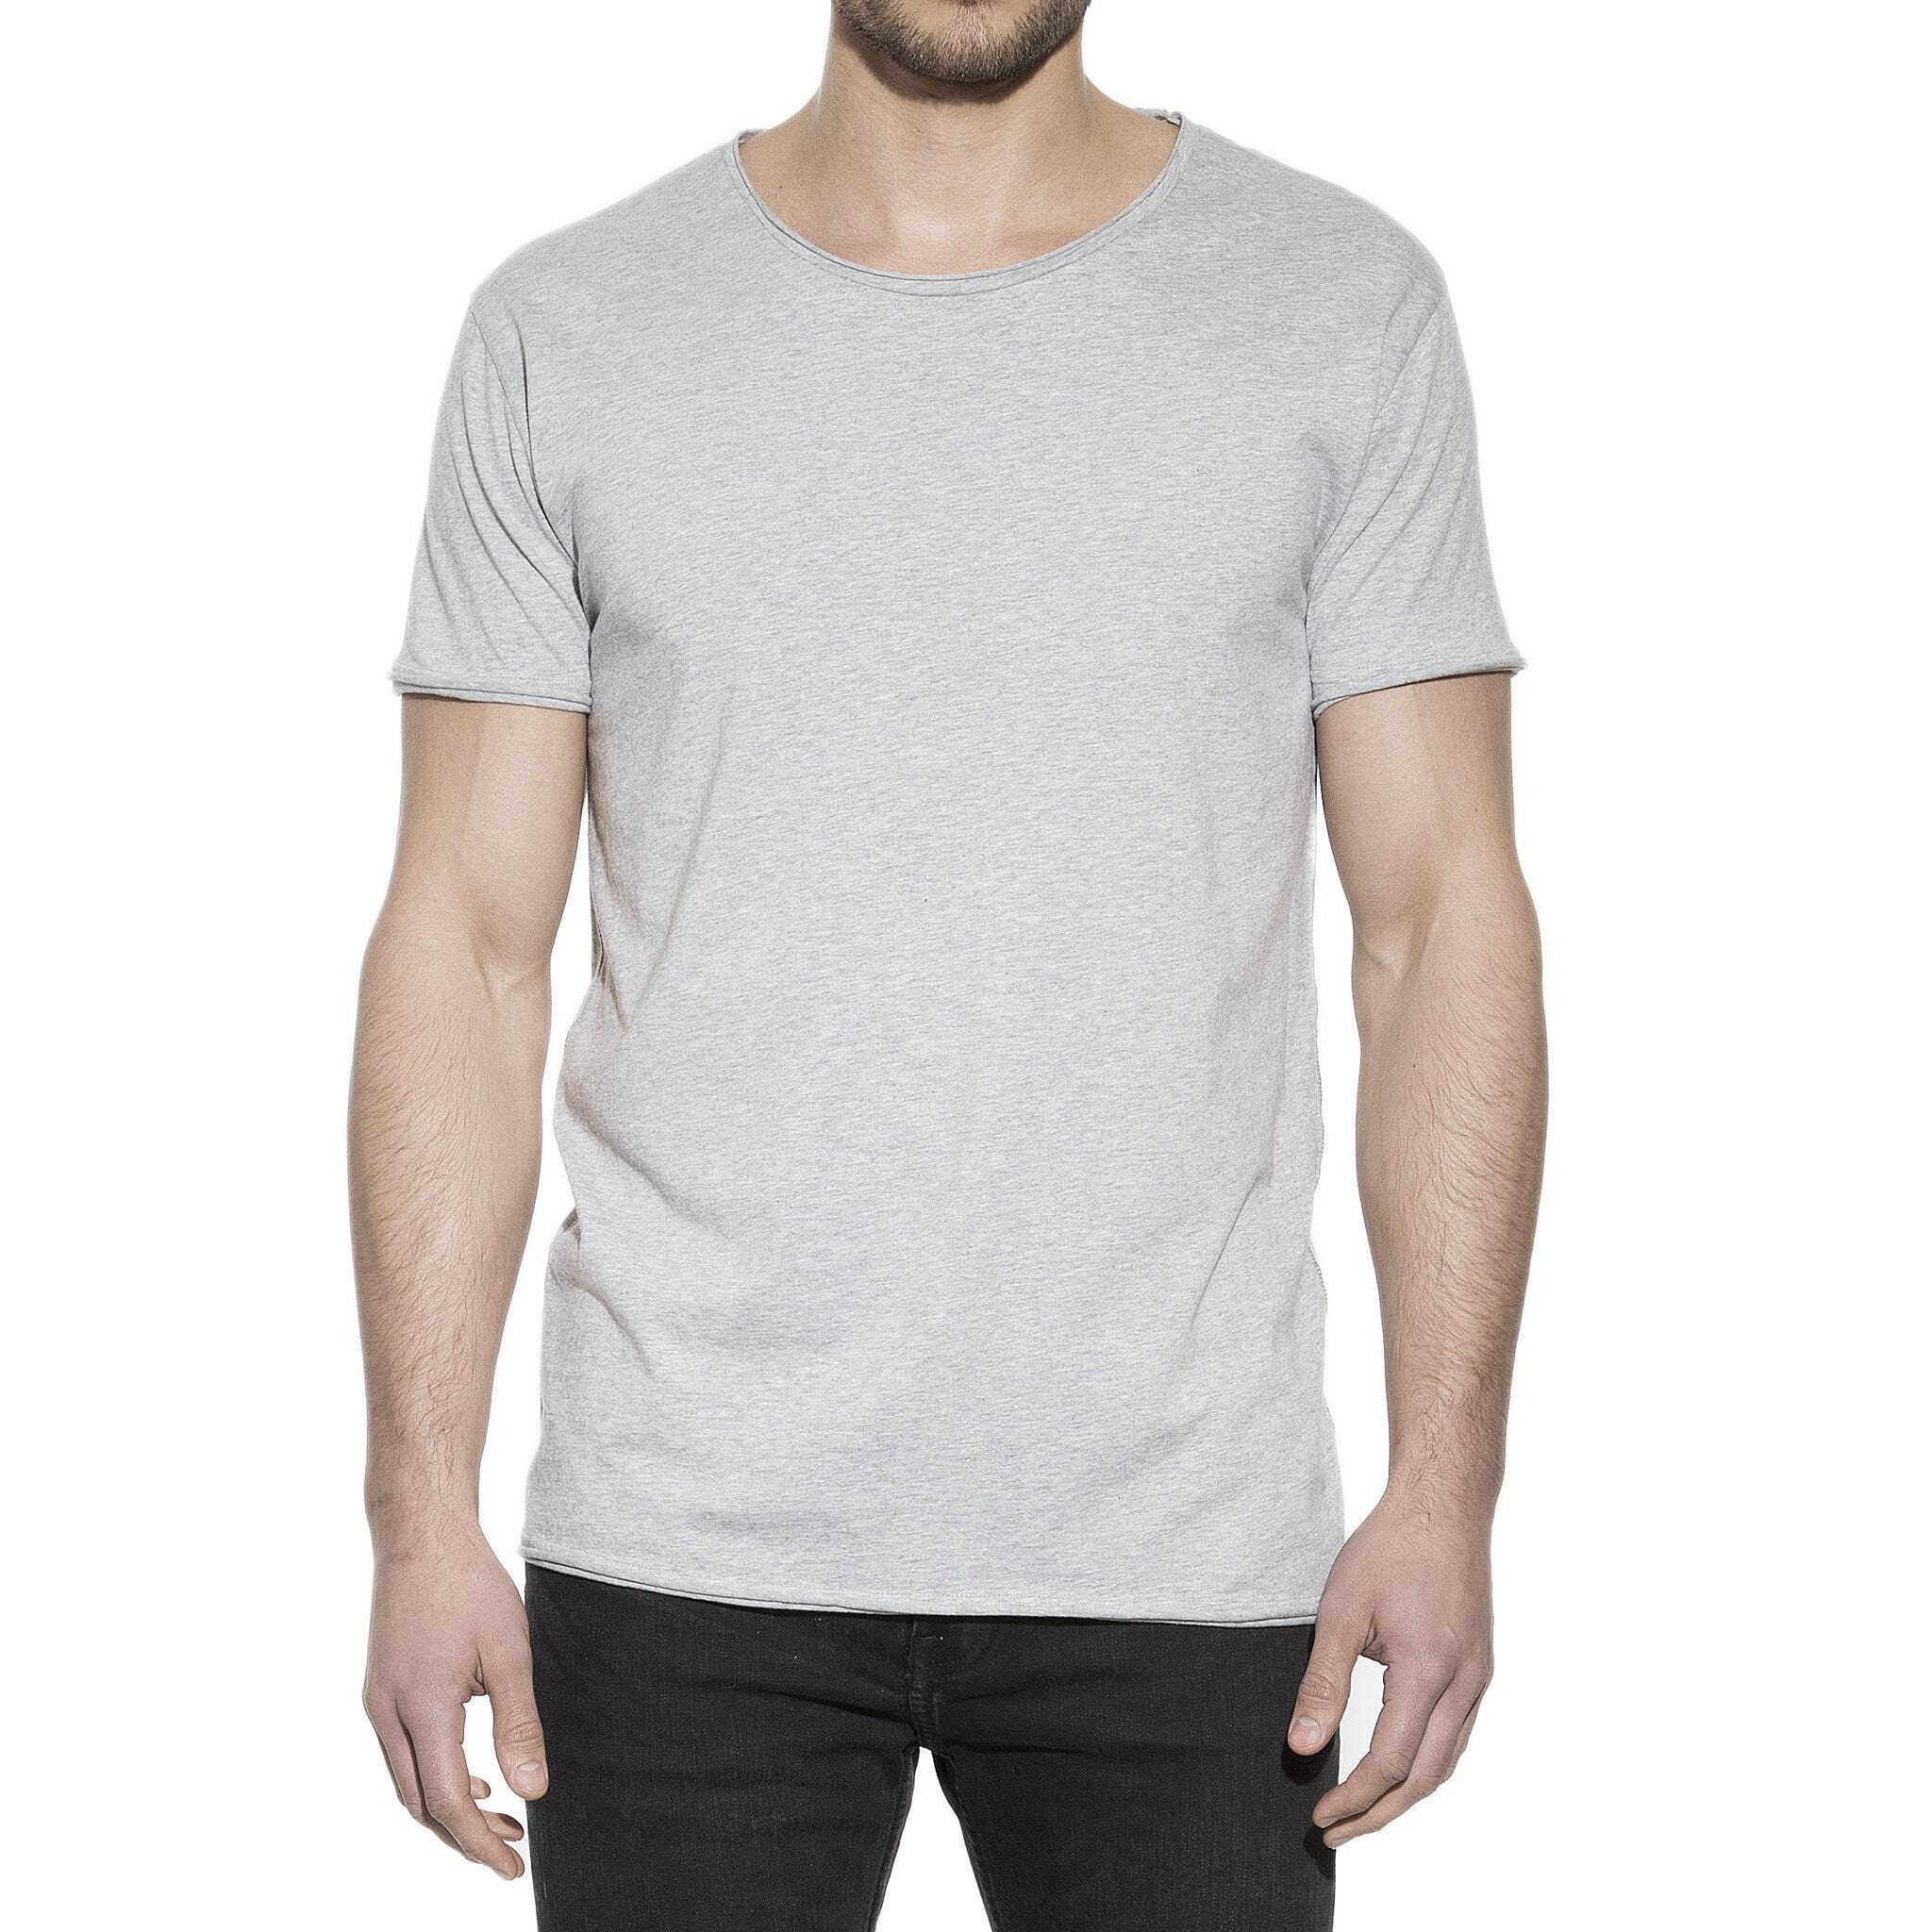 Enfärgad t shirt grå för herr i ekologisk bomull med relaxed passform och rund hals, framifrån